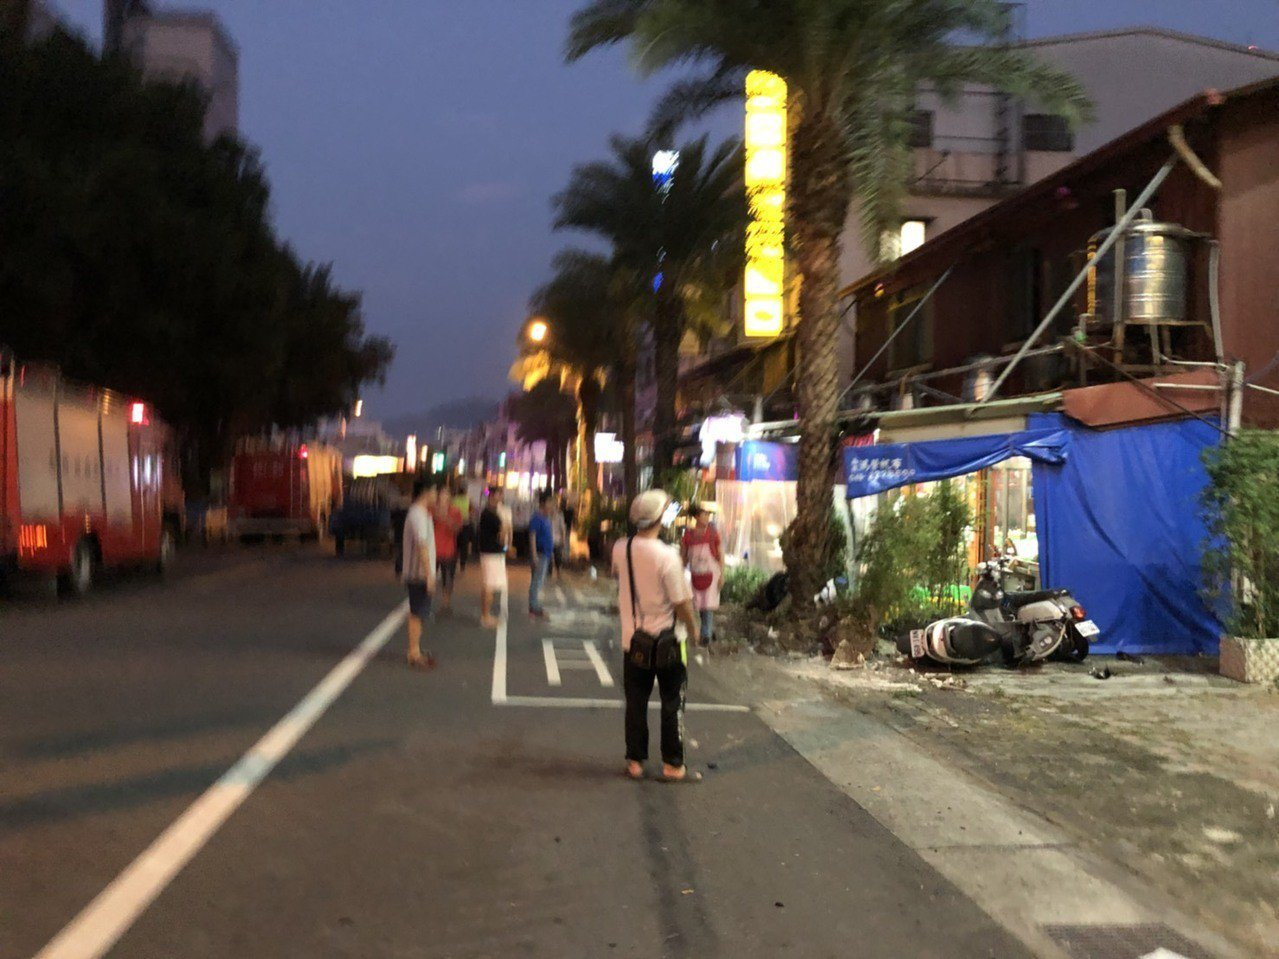 南投市阿珠蚵嗲前的機車被拖板車撞的四散,幸好路樹擋住拖板車,但店員和客人都嚇呆了...